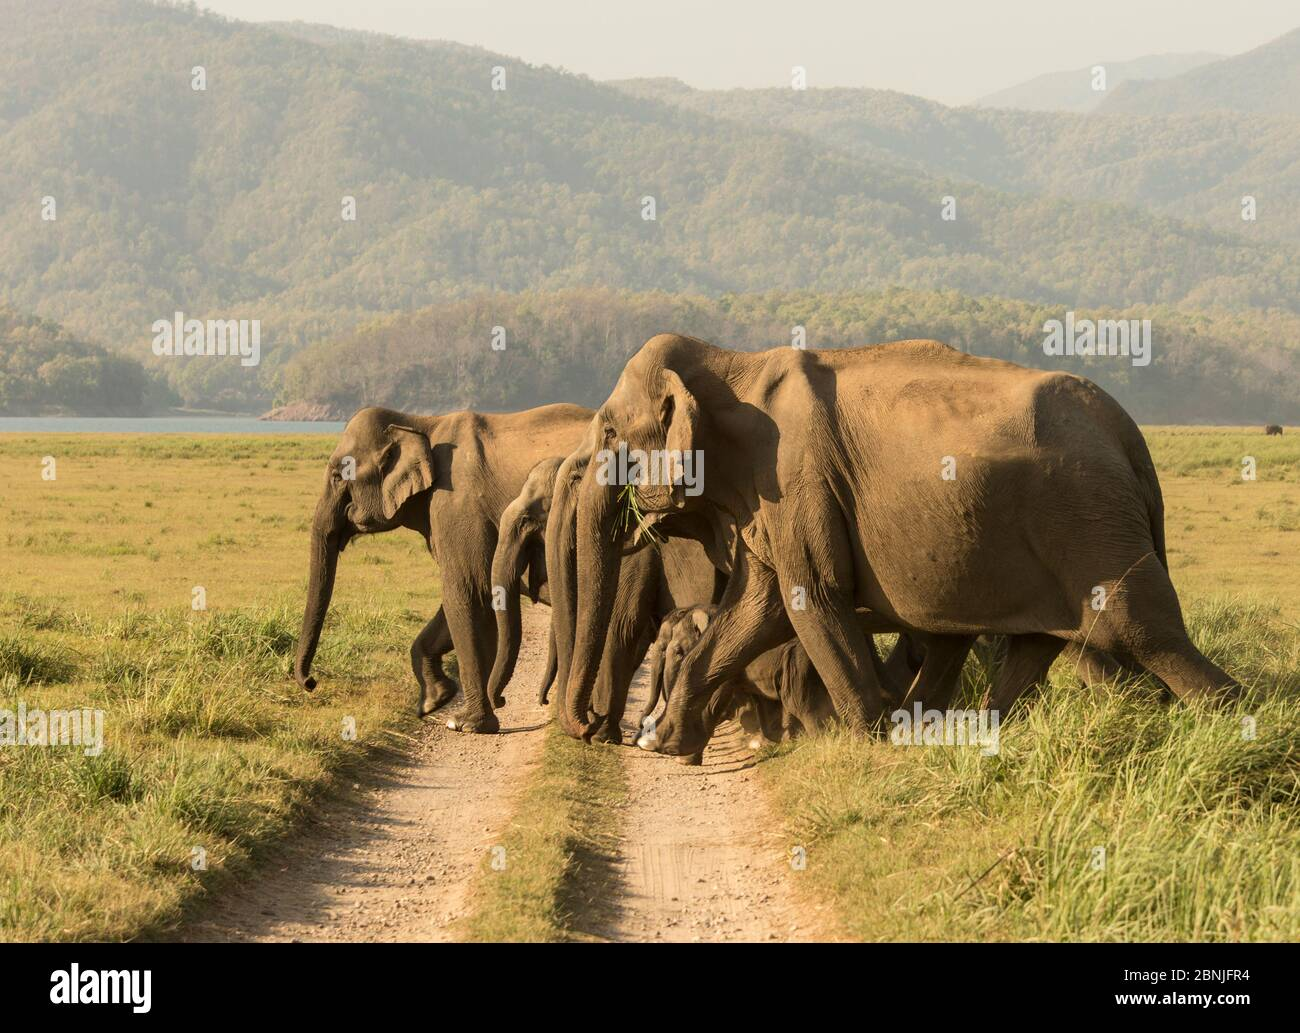 Éléphant asiatique (Elephas maximus), voie de traversée de troupeau en direction du lac. Parc national Jim Corbett, Inde. Banque D'Images